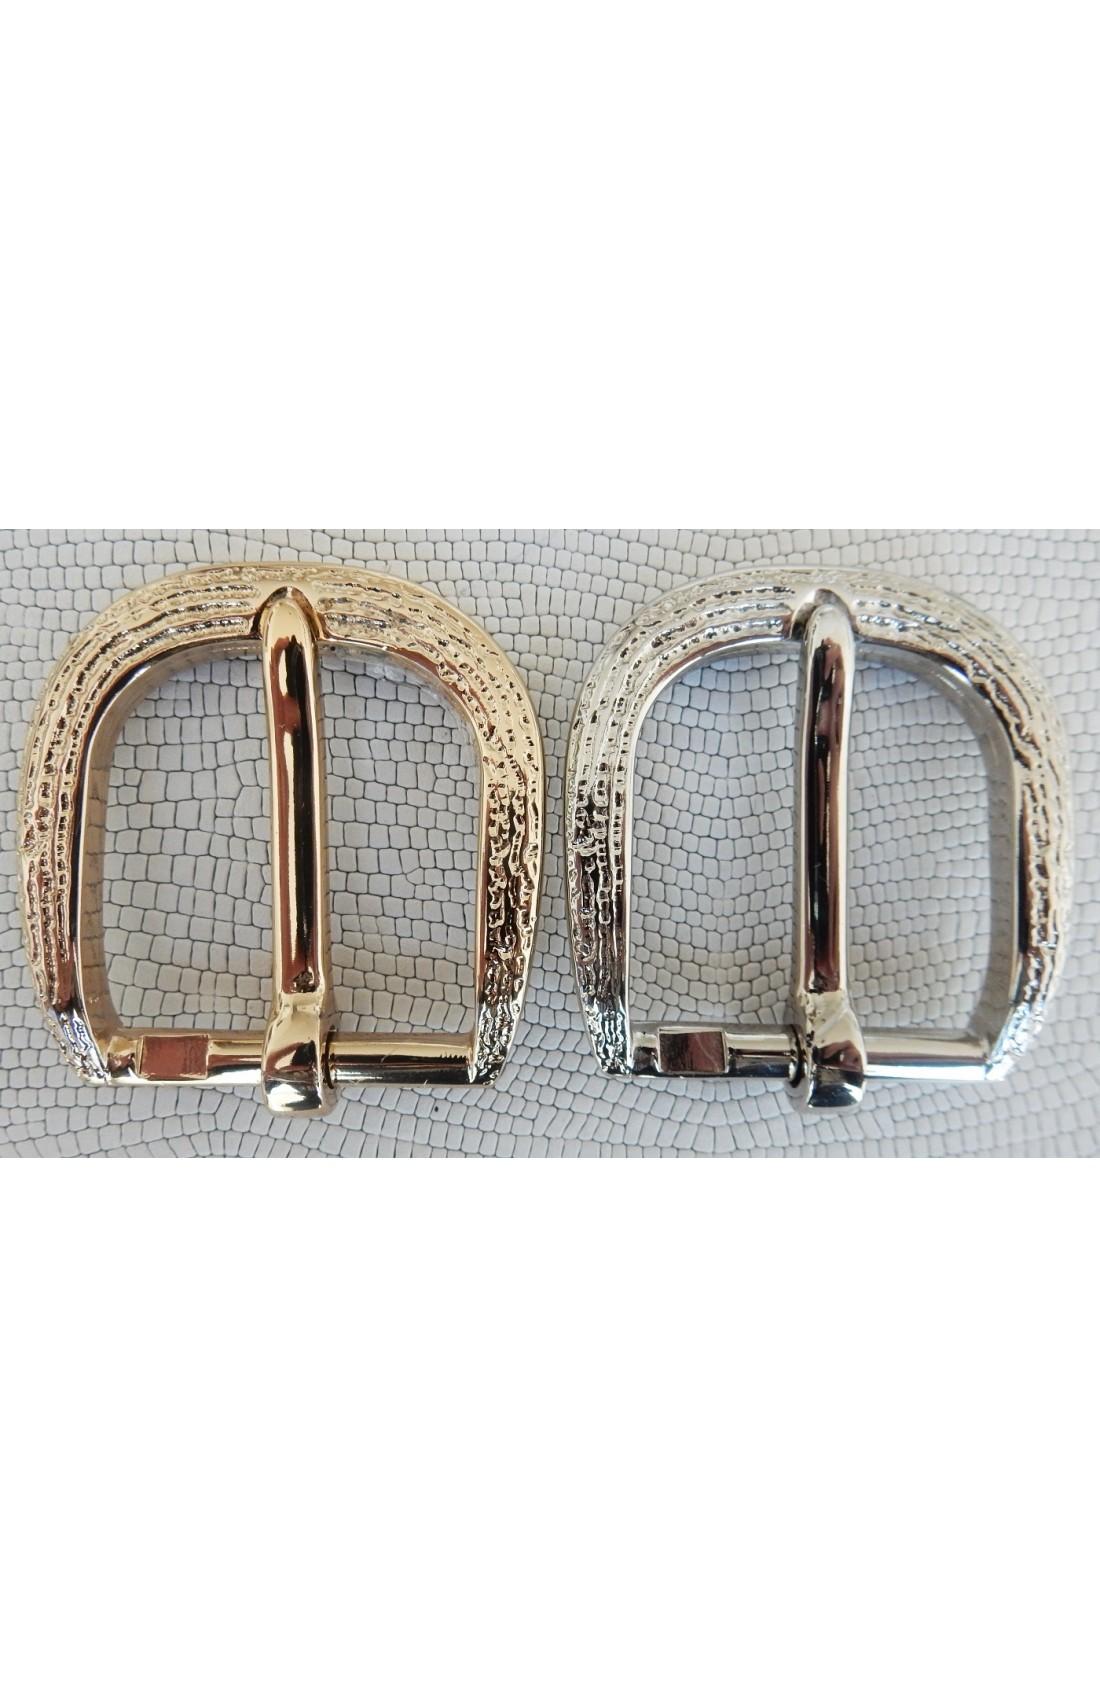 Fibbia Standard Z 51 mm.35 oro chiaro free + Fibbia Standard Z 51 mm.35 nikel free